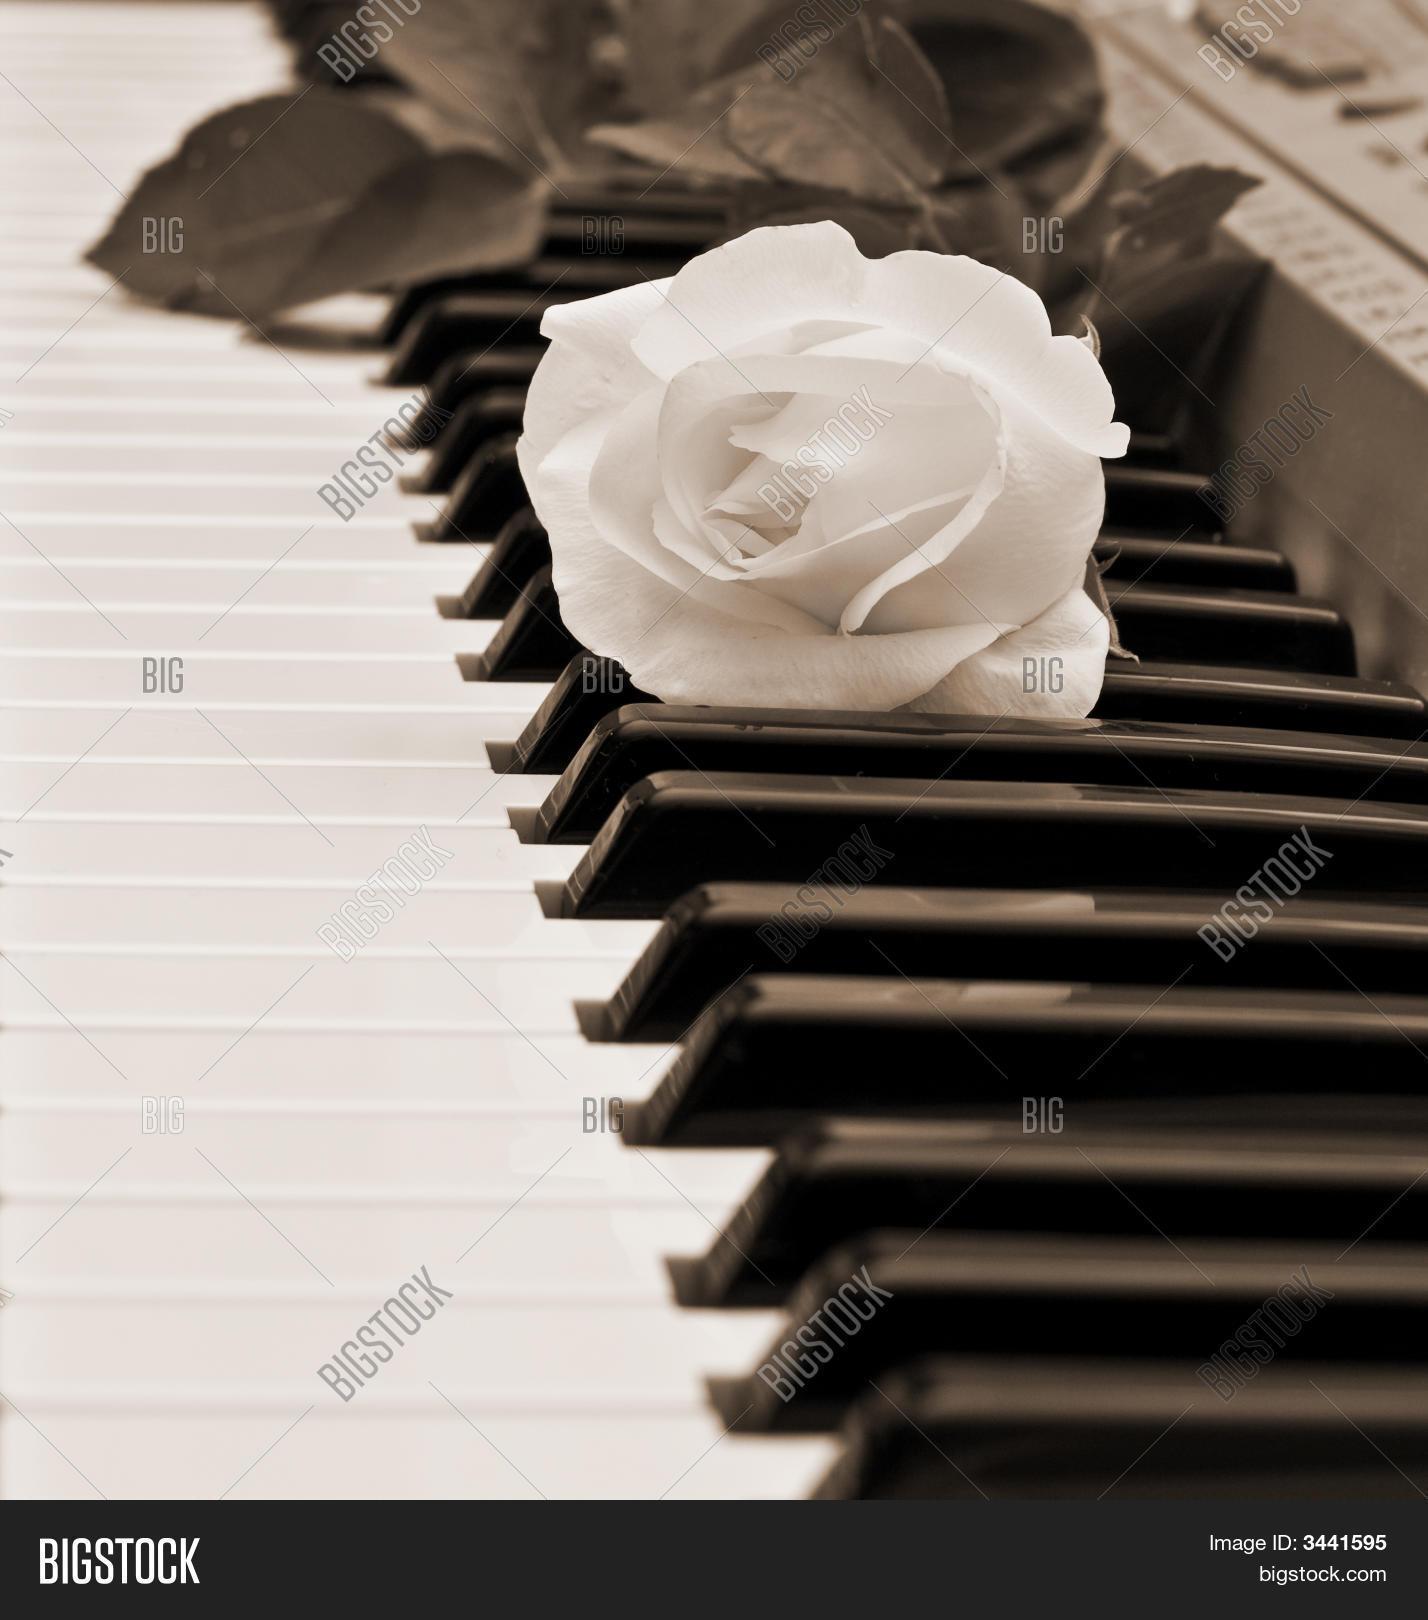 Beautiful White Rose On Piano Image & Photo | Bigstock